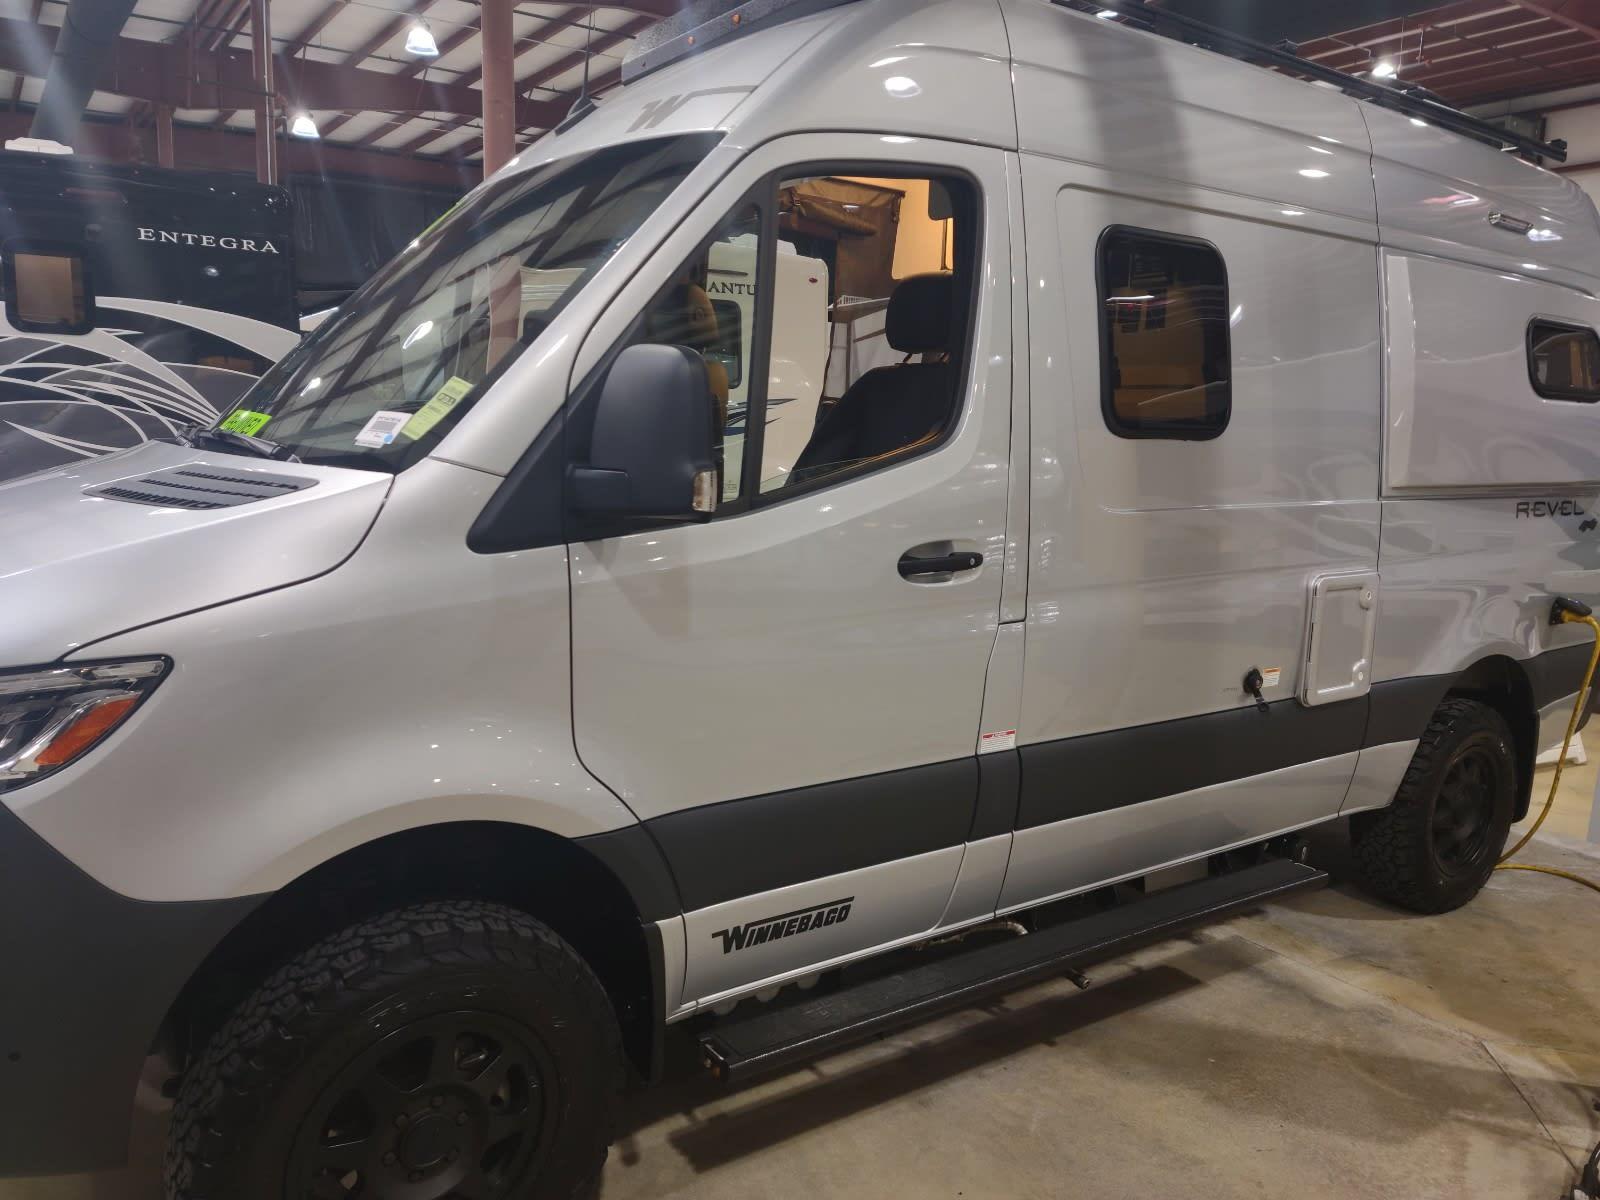 Driver Front. Winnebago Revel 2020